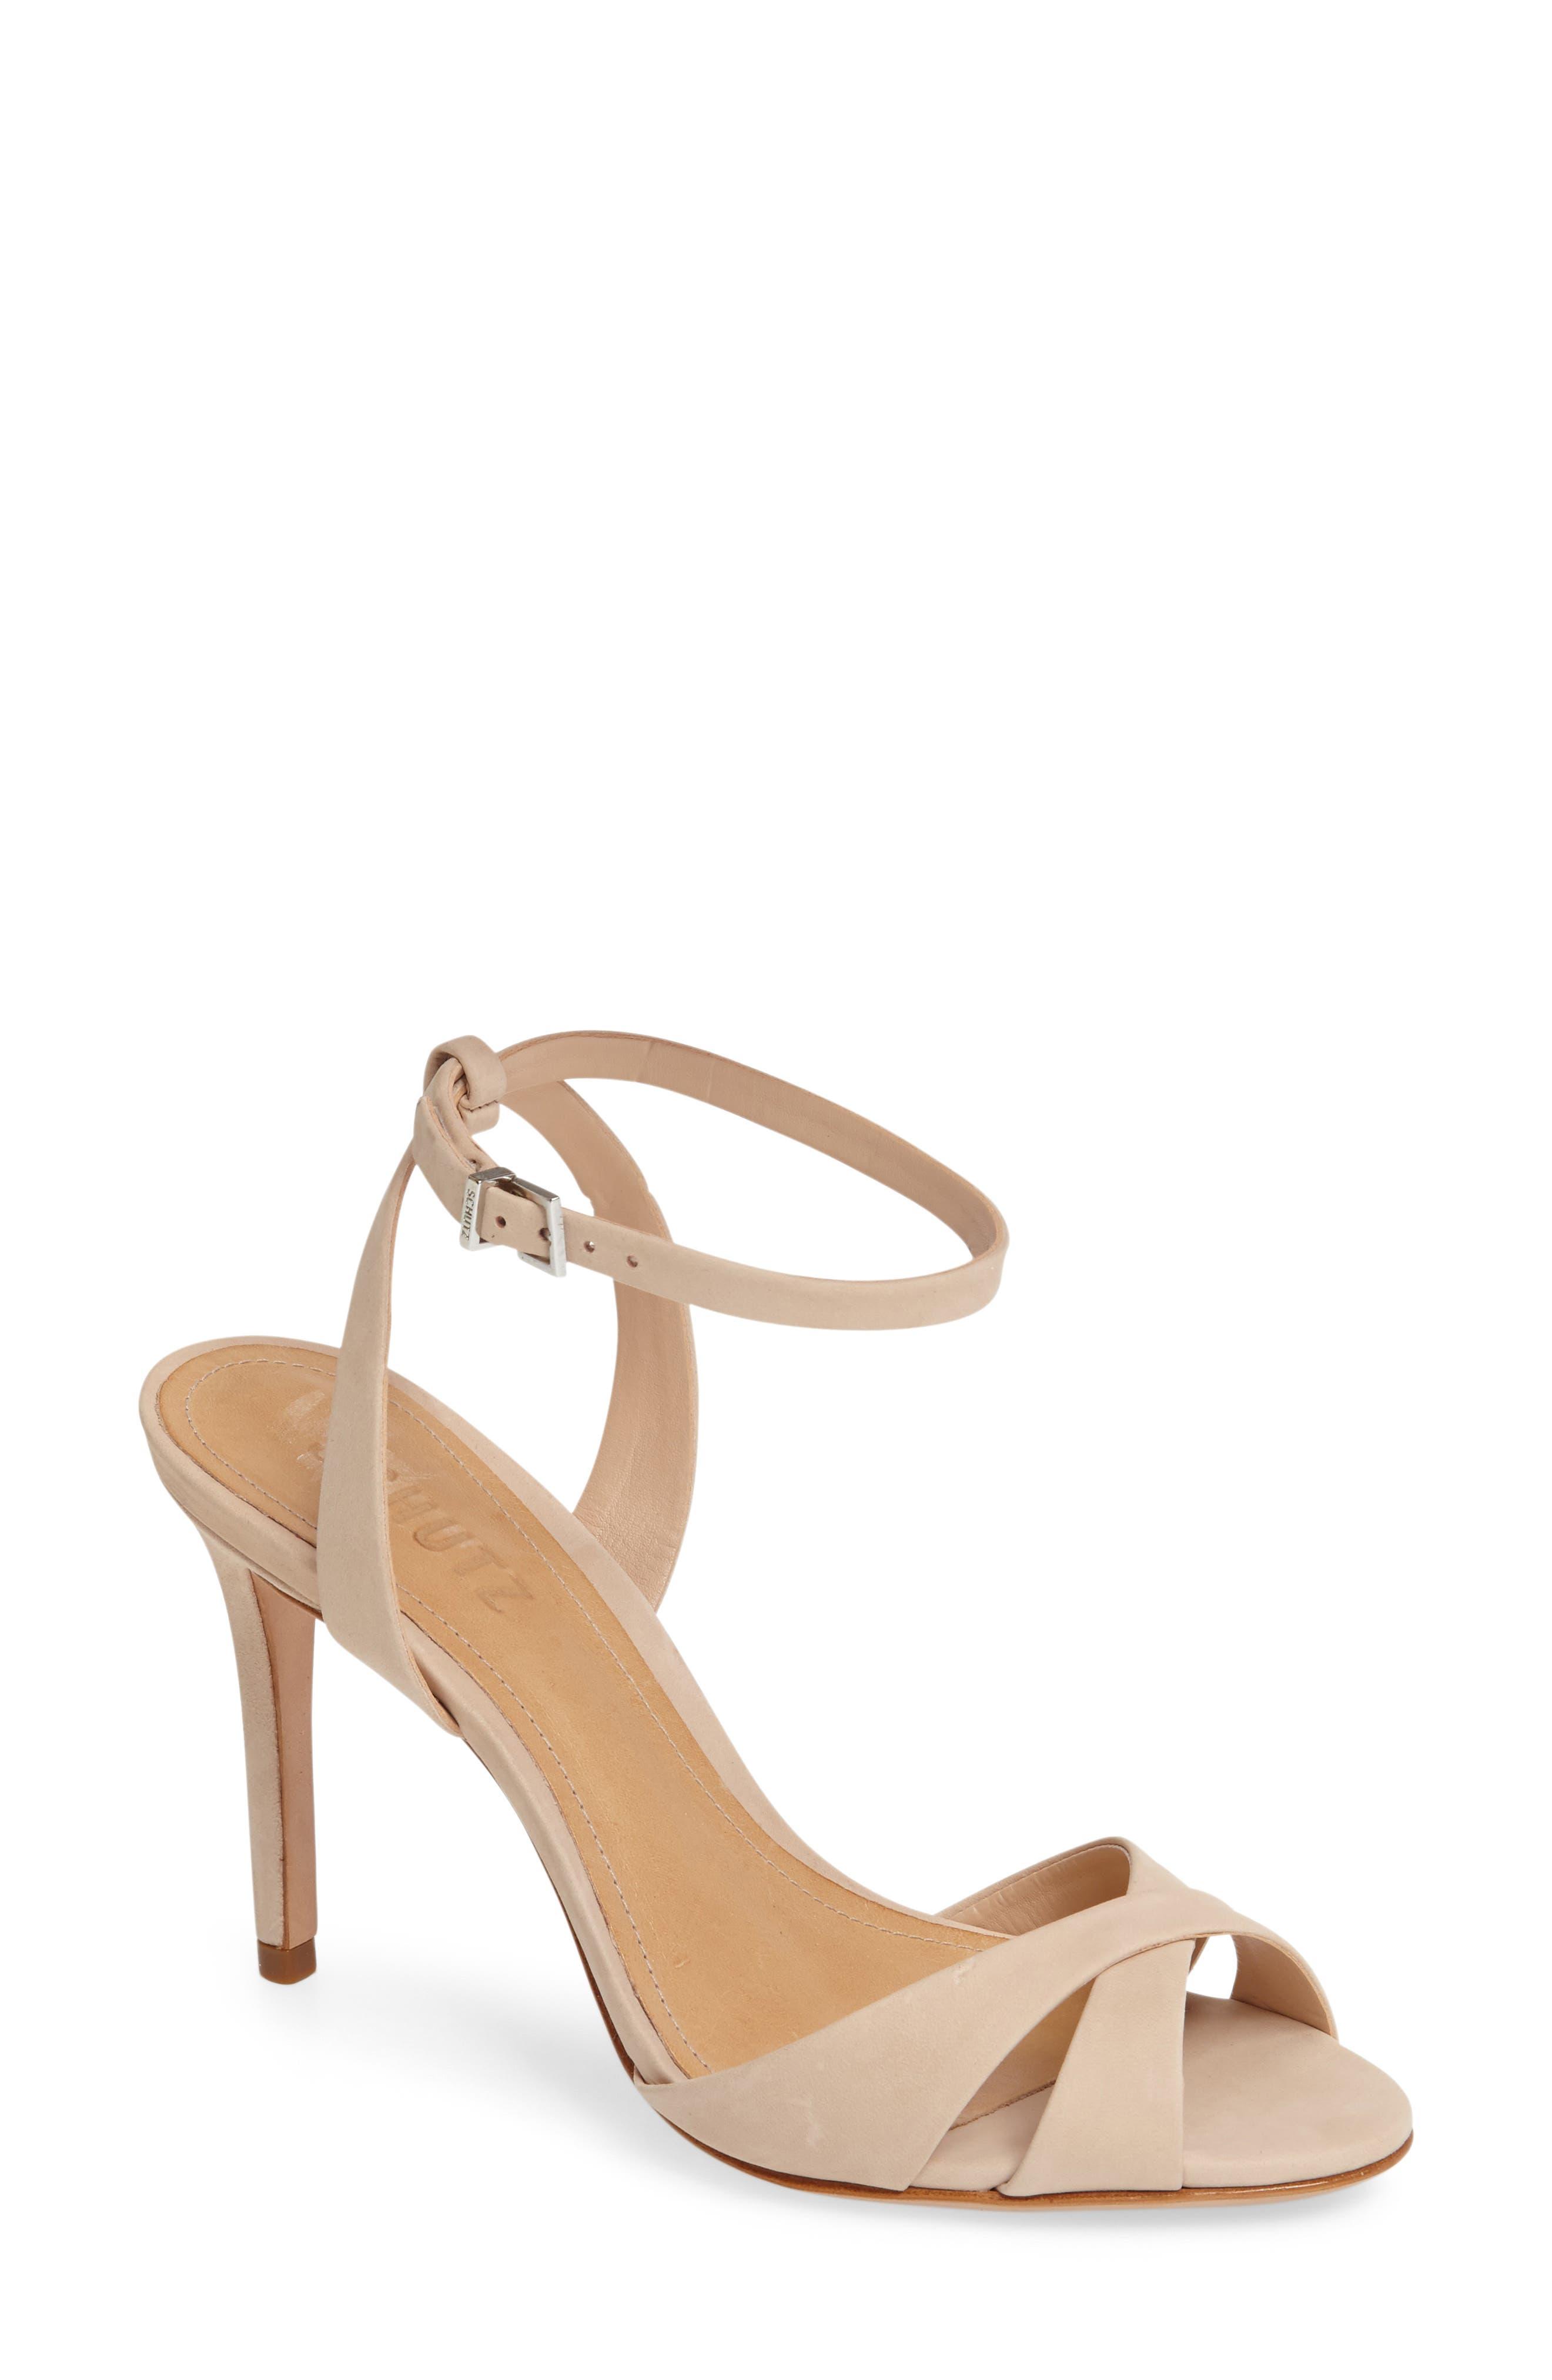 Olyvia Cross Toe Sandal,                             Main thumbnail 2, color,